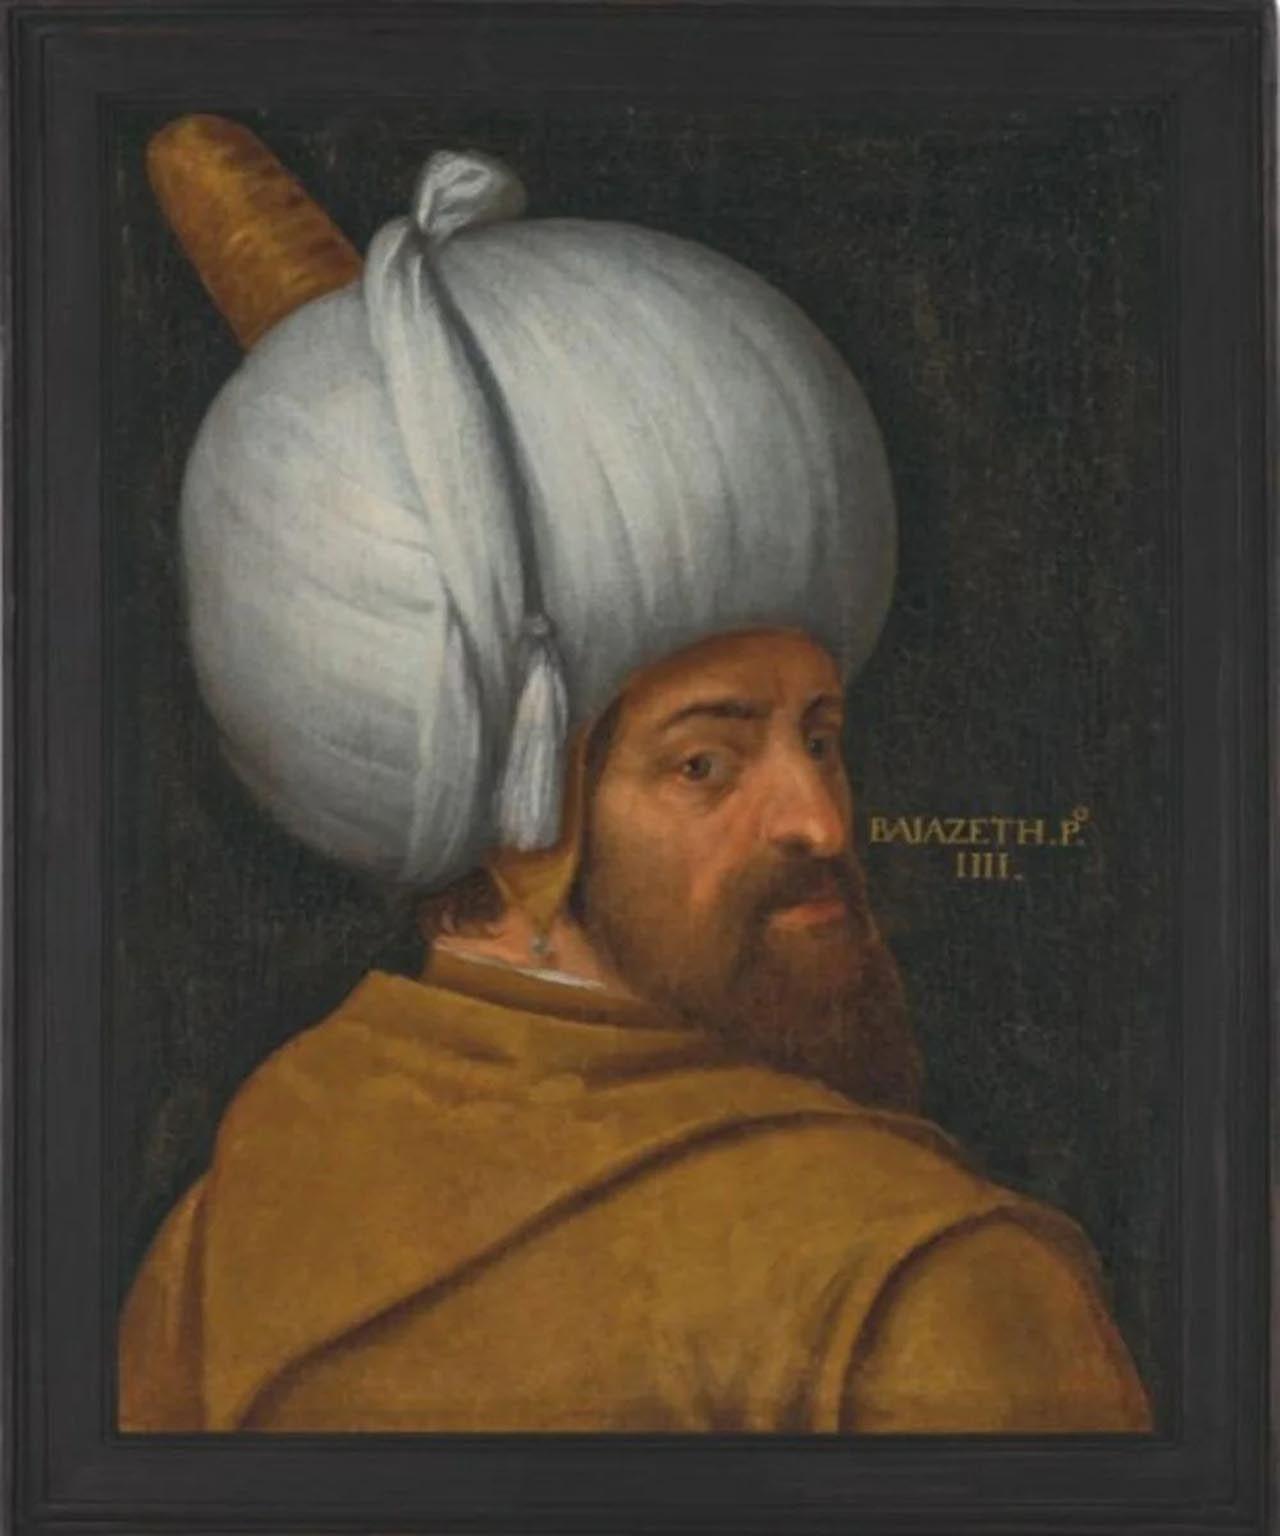 Osmanlı padişahlarının portreleri açık artırmayla satılacak - Resim: 3